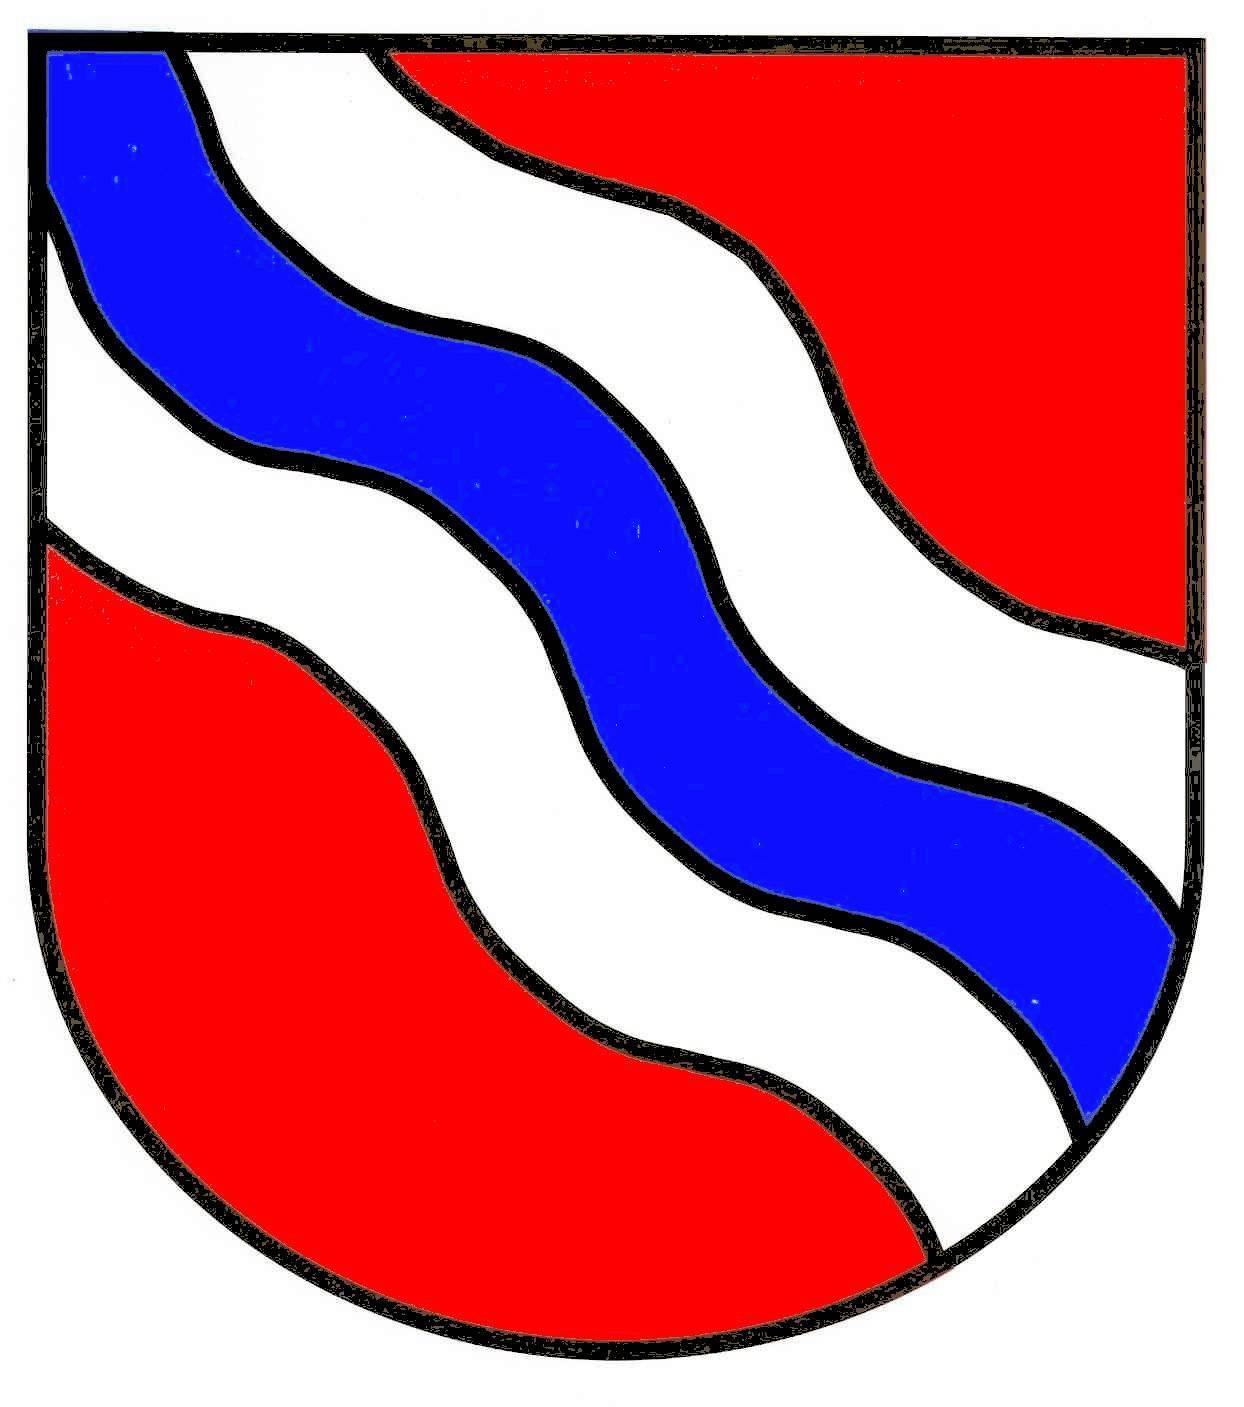 Wappen GemeindeBredenbek, Kreis Rendsburg-Eckernförde